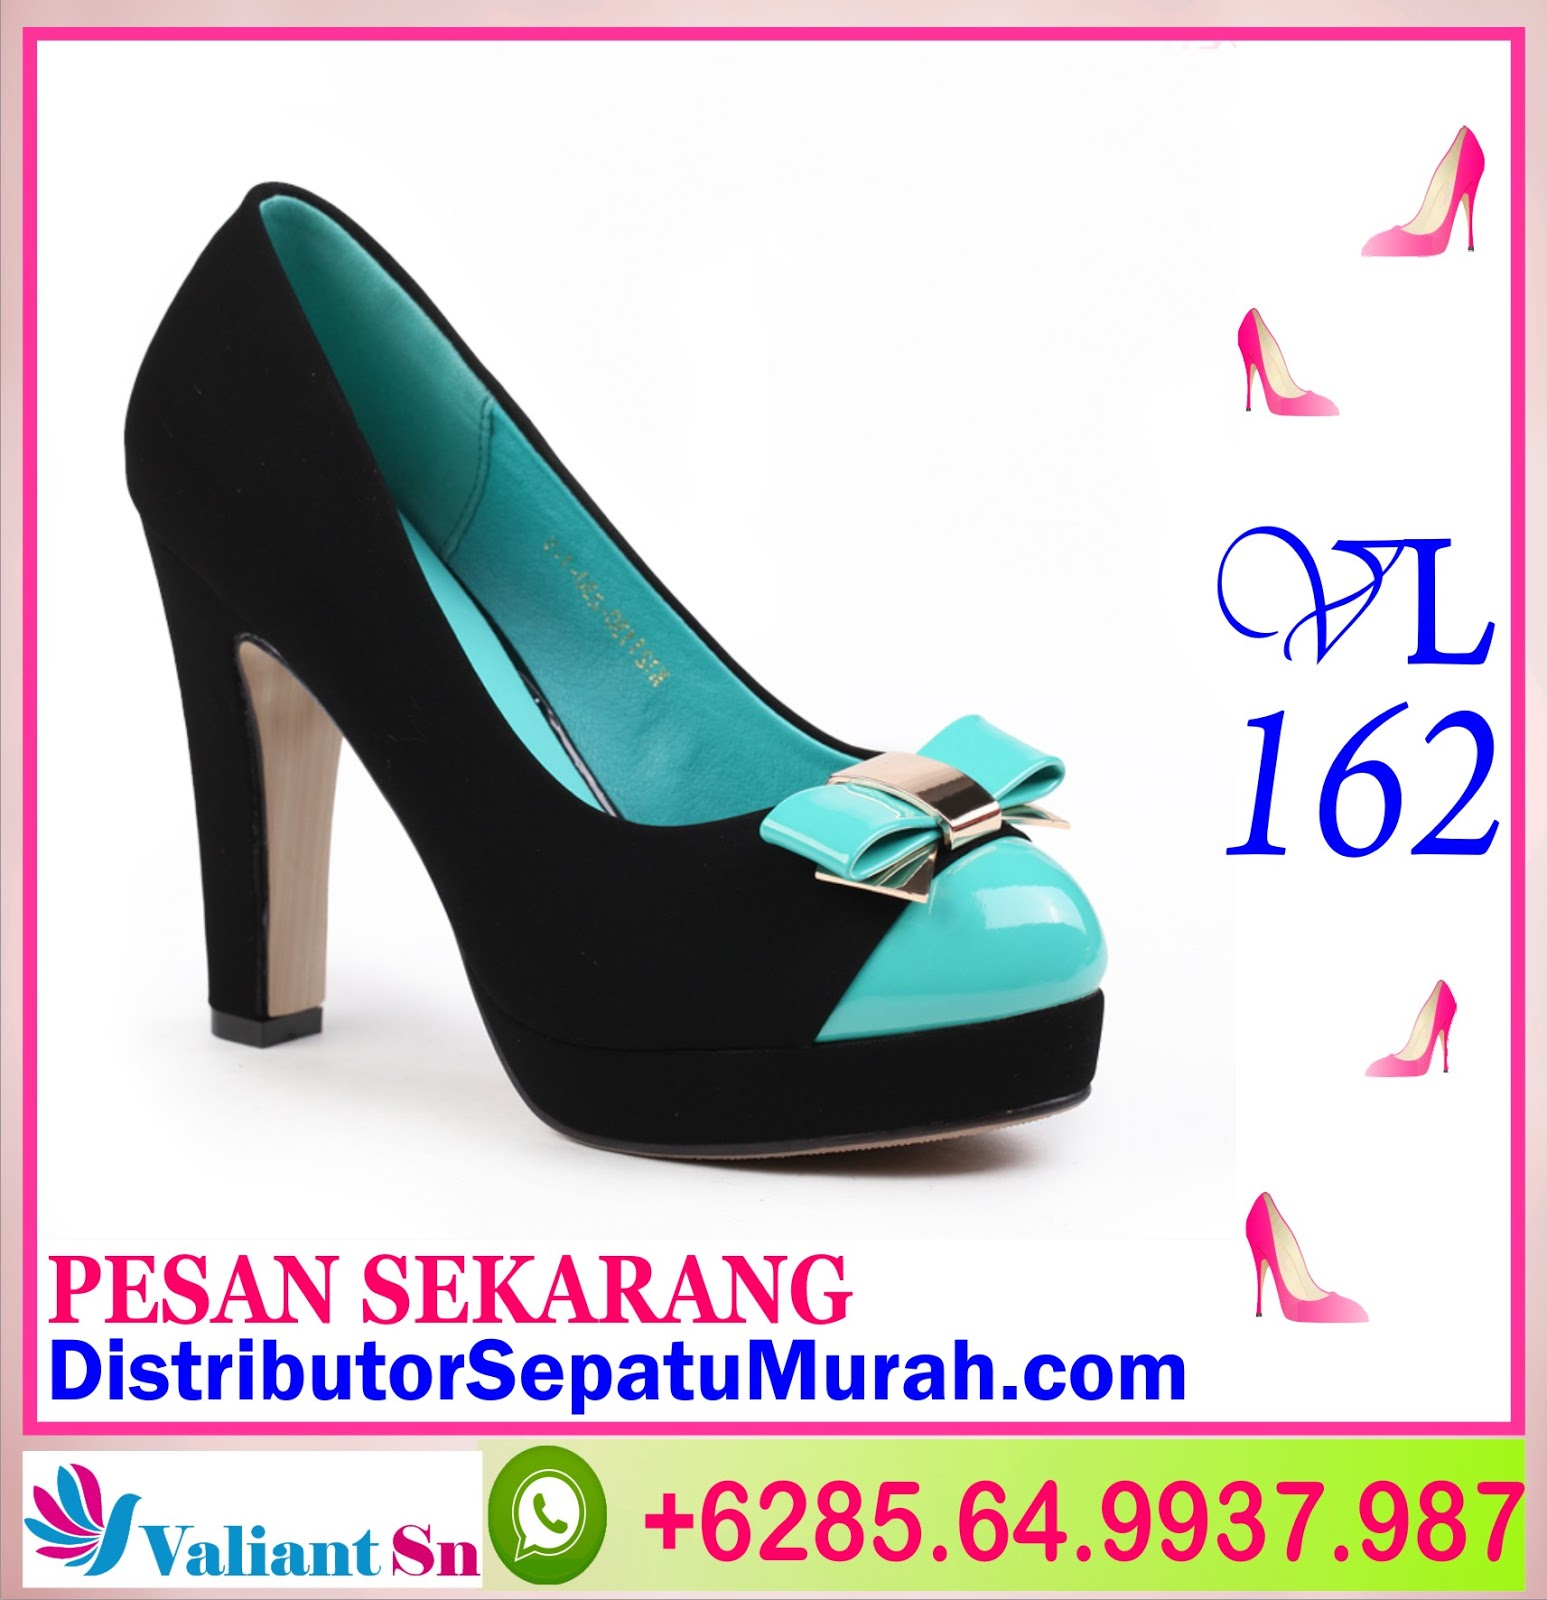 VL162 Sepatu Wanita Jual Sepatu Kantor Sepatu line Shop 62 8564 993 7987